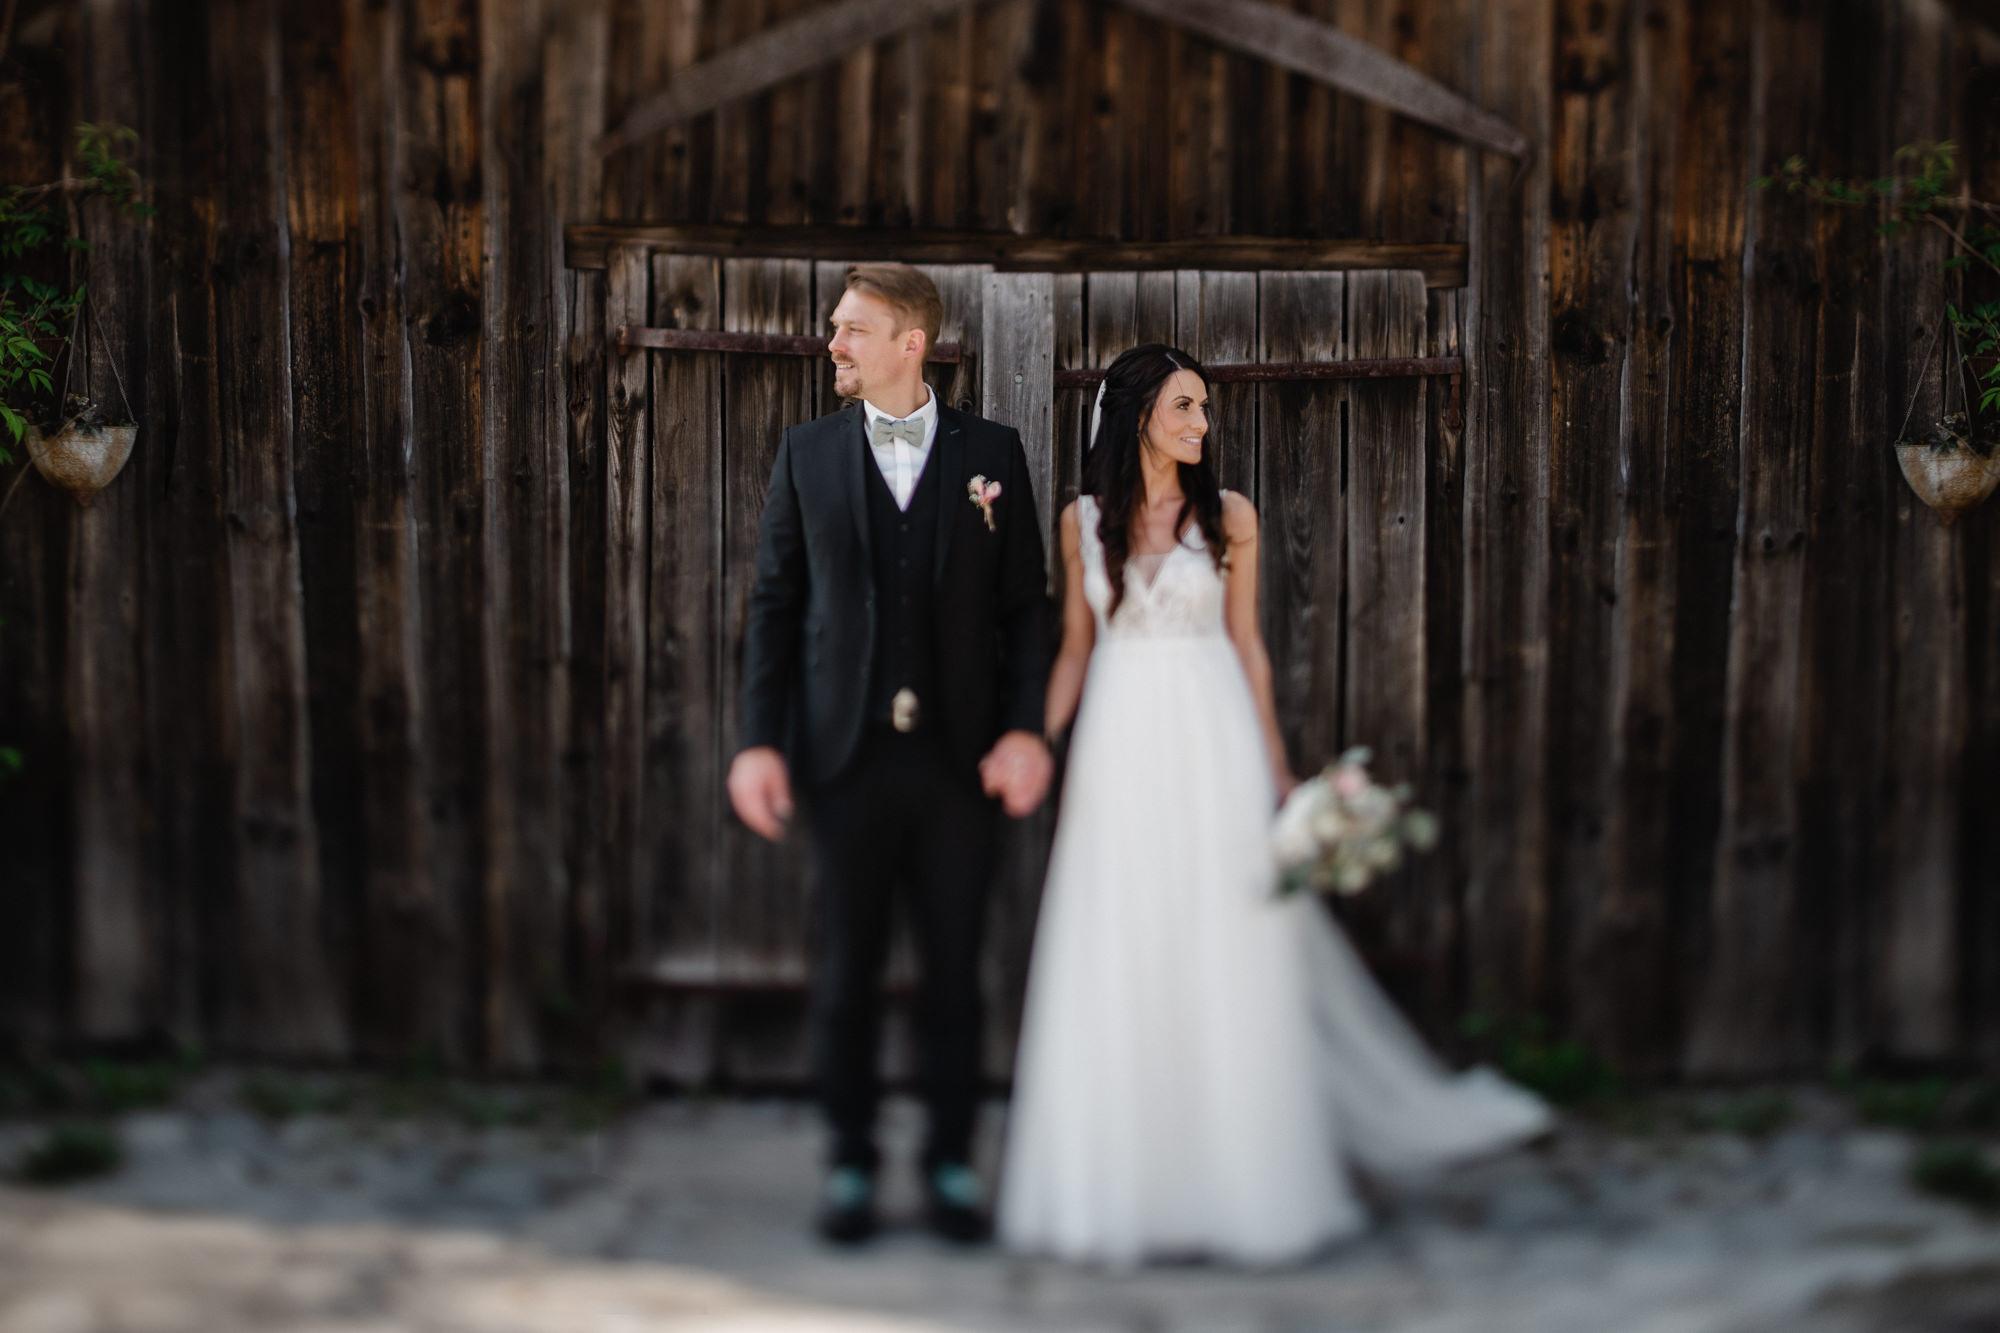 Hochzeit auf der Gutsalm Harlachberg, Paarshooting, Paar steht vor Holztür